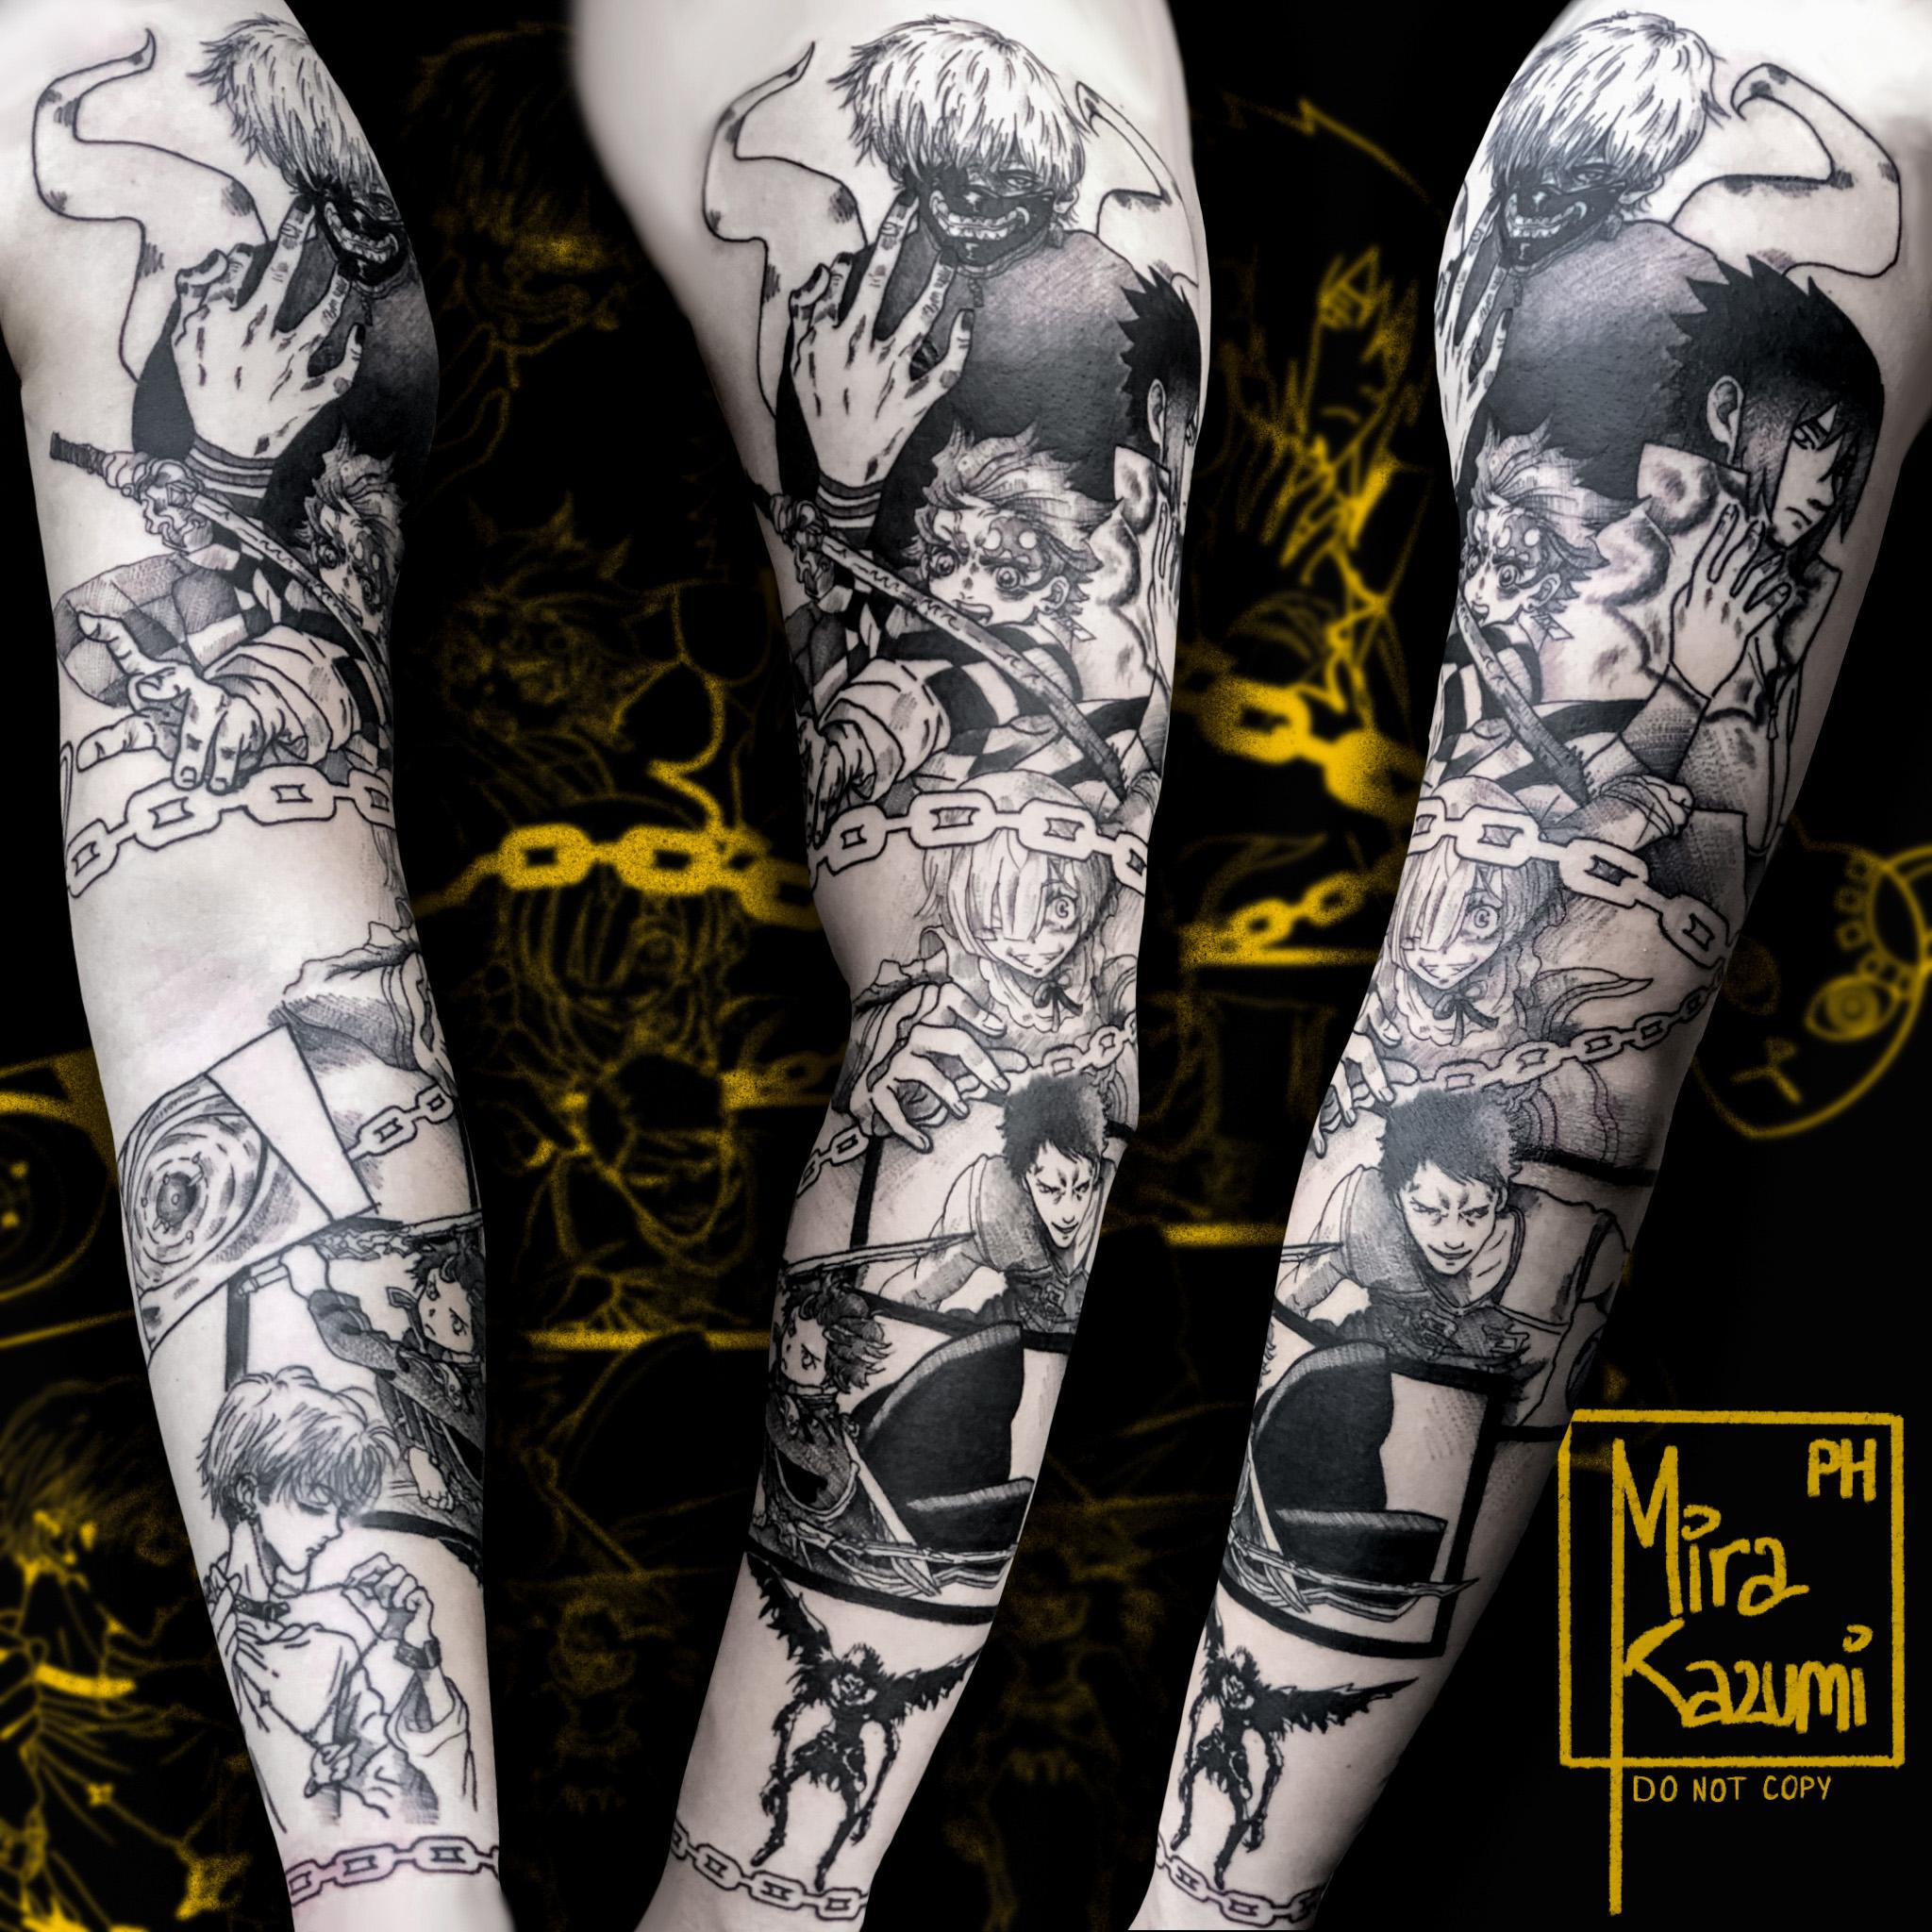 Inksearch tattoo Mira Kazumi